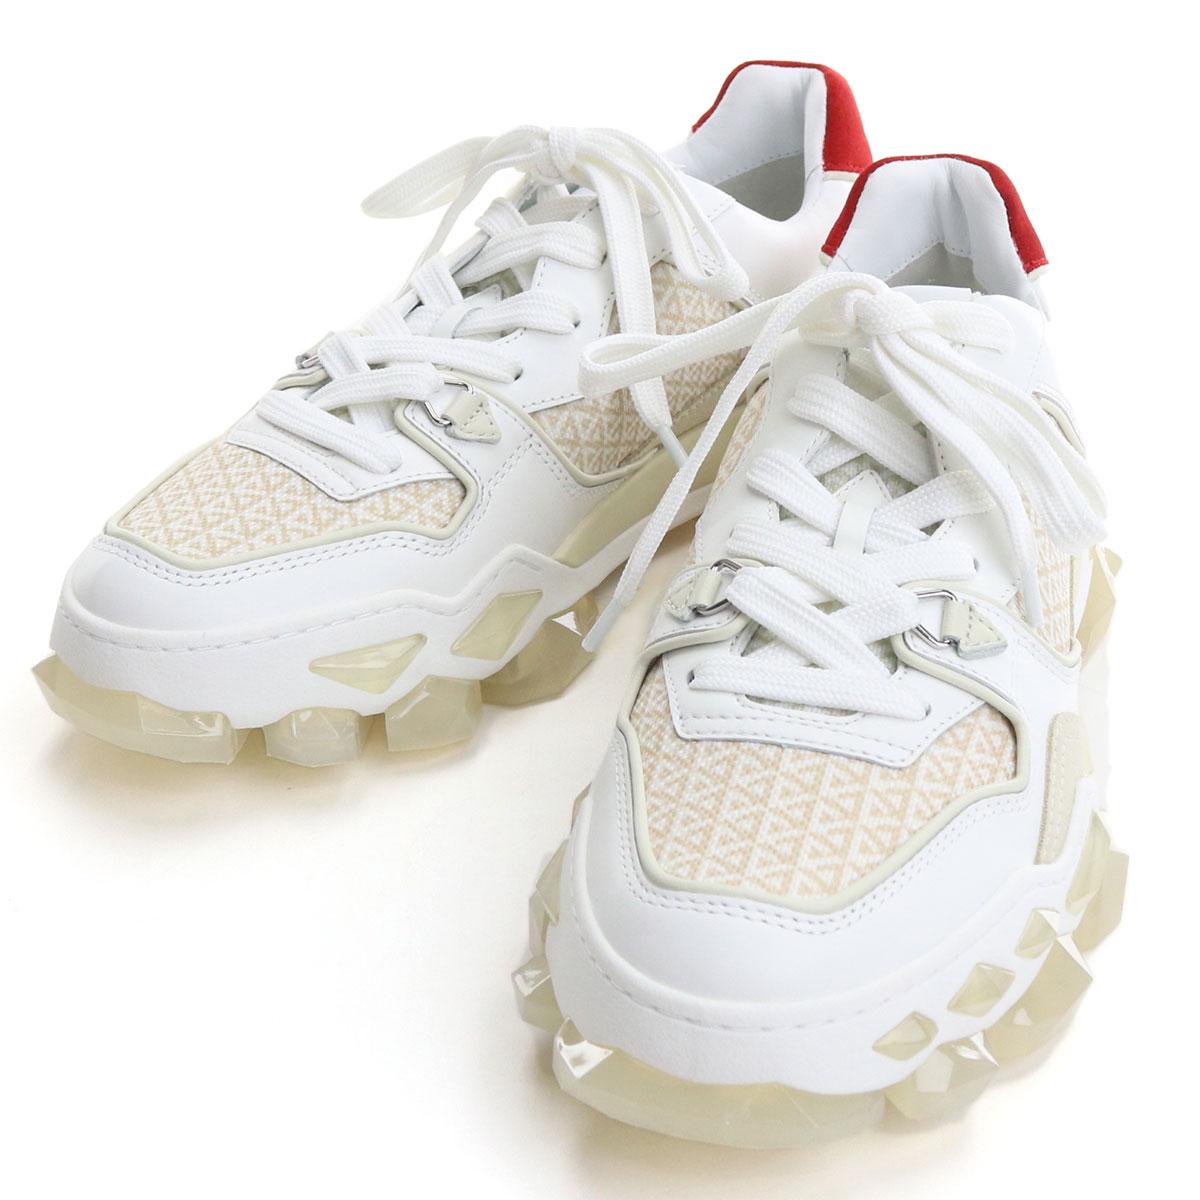 メンズ靴, スニーカー  JIMMY CHOO DIAMOND X TRAINERM FHF 204 X COTTON MIX bos-06 shoes-01